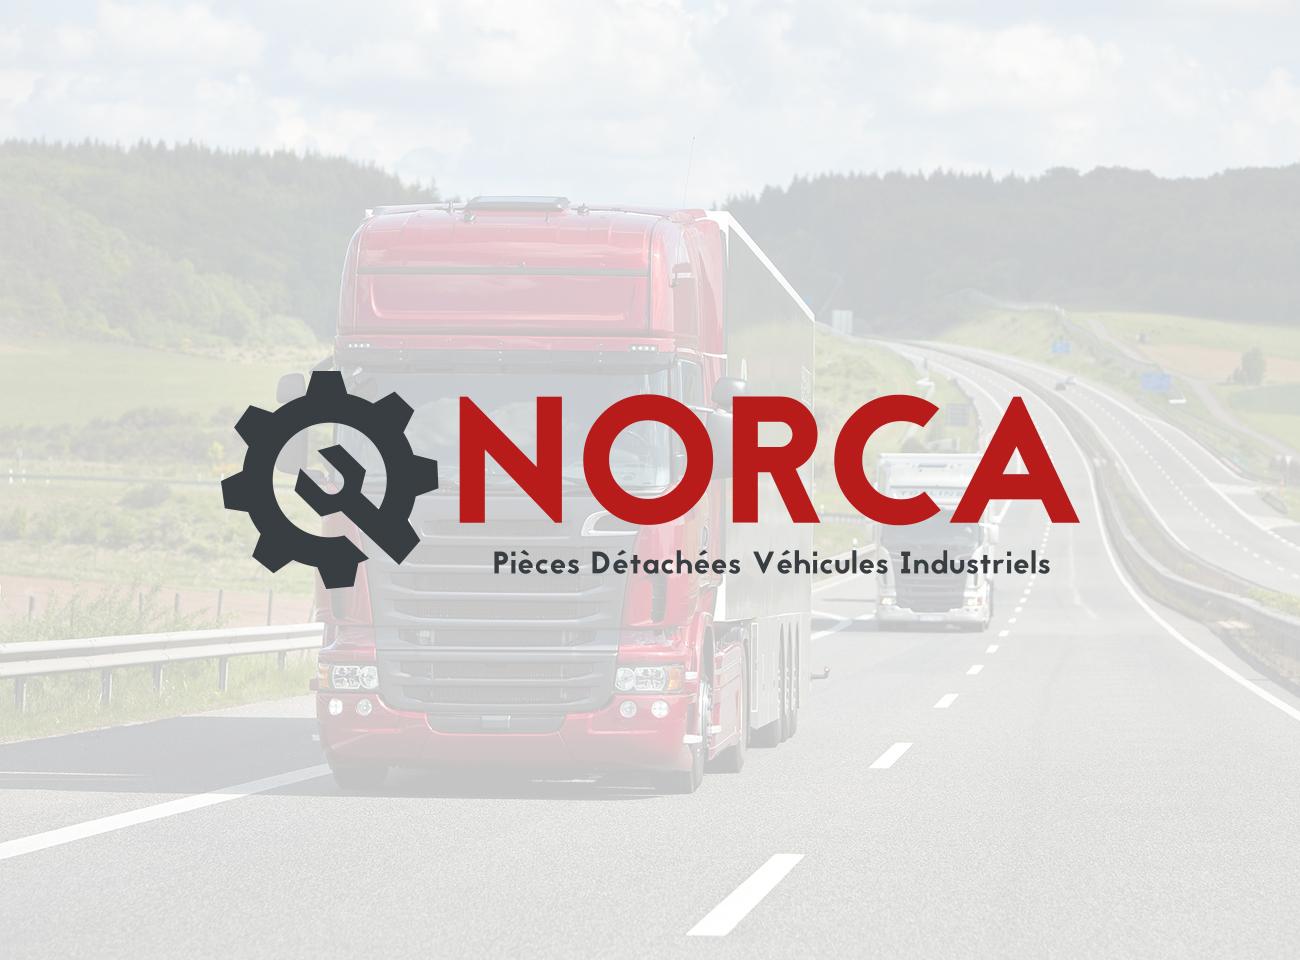 Logo-norca